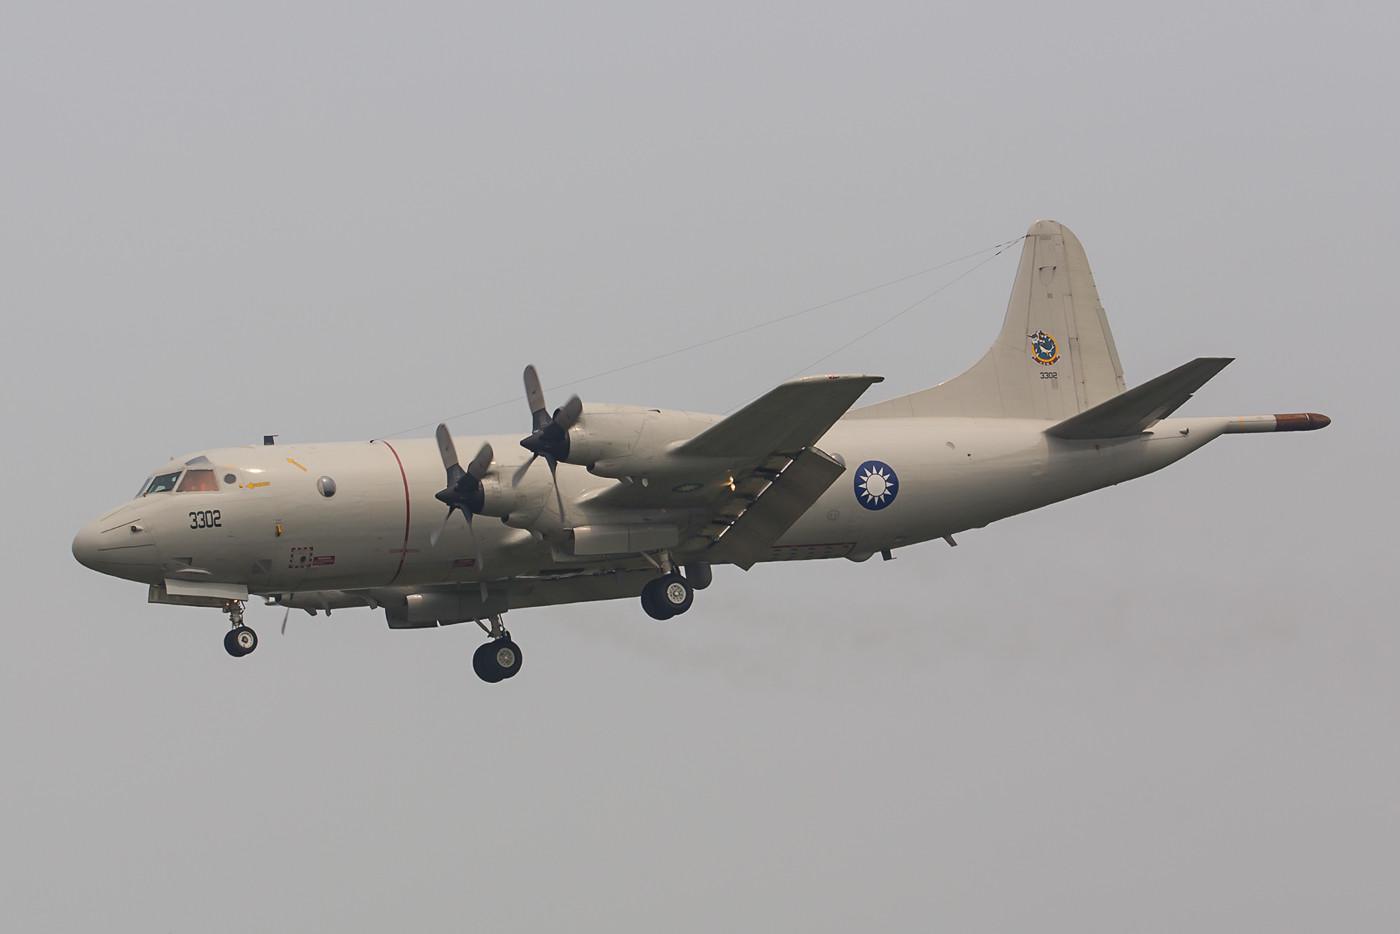 Eines von zwei Flugzeugen, das bei unserem Besuch in Pingtung North flog, eine P-3C Orion der 33rd Sqn.